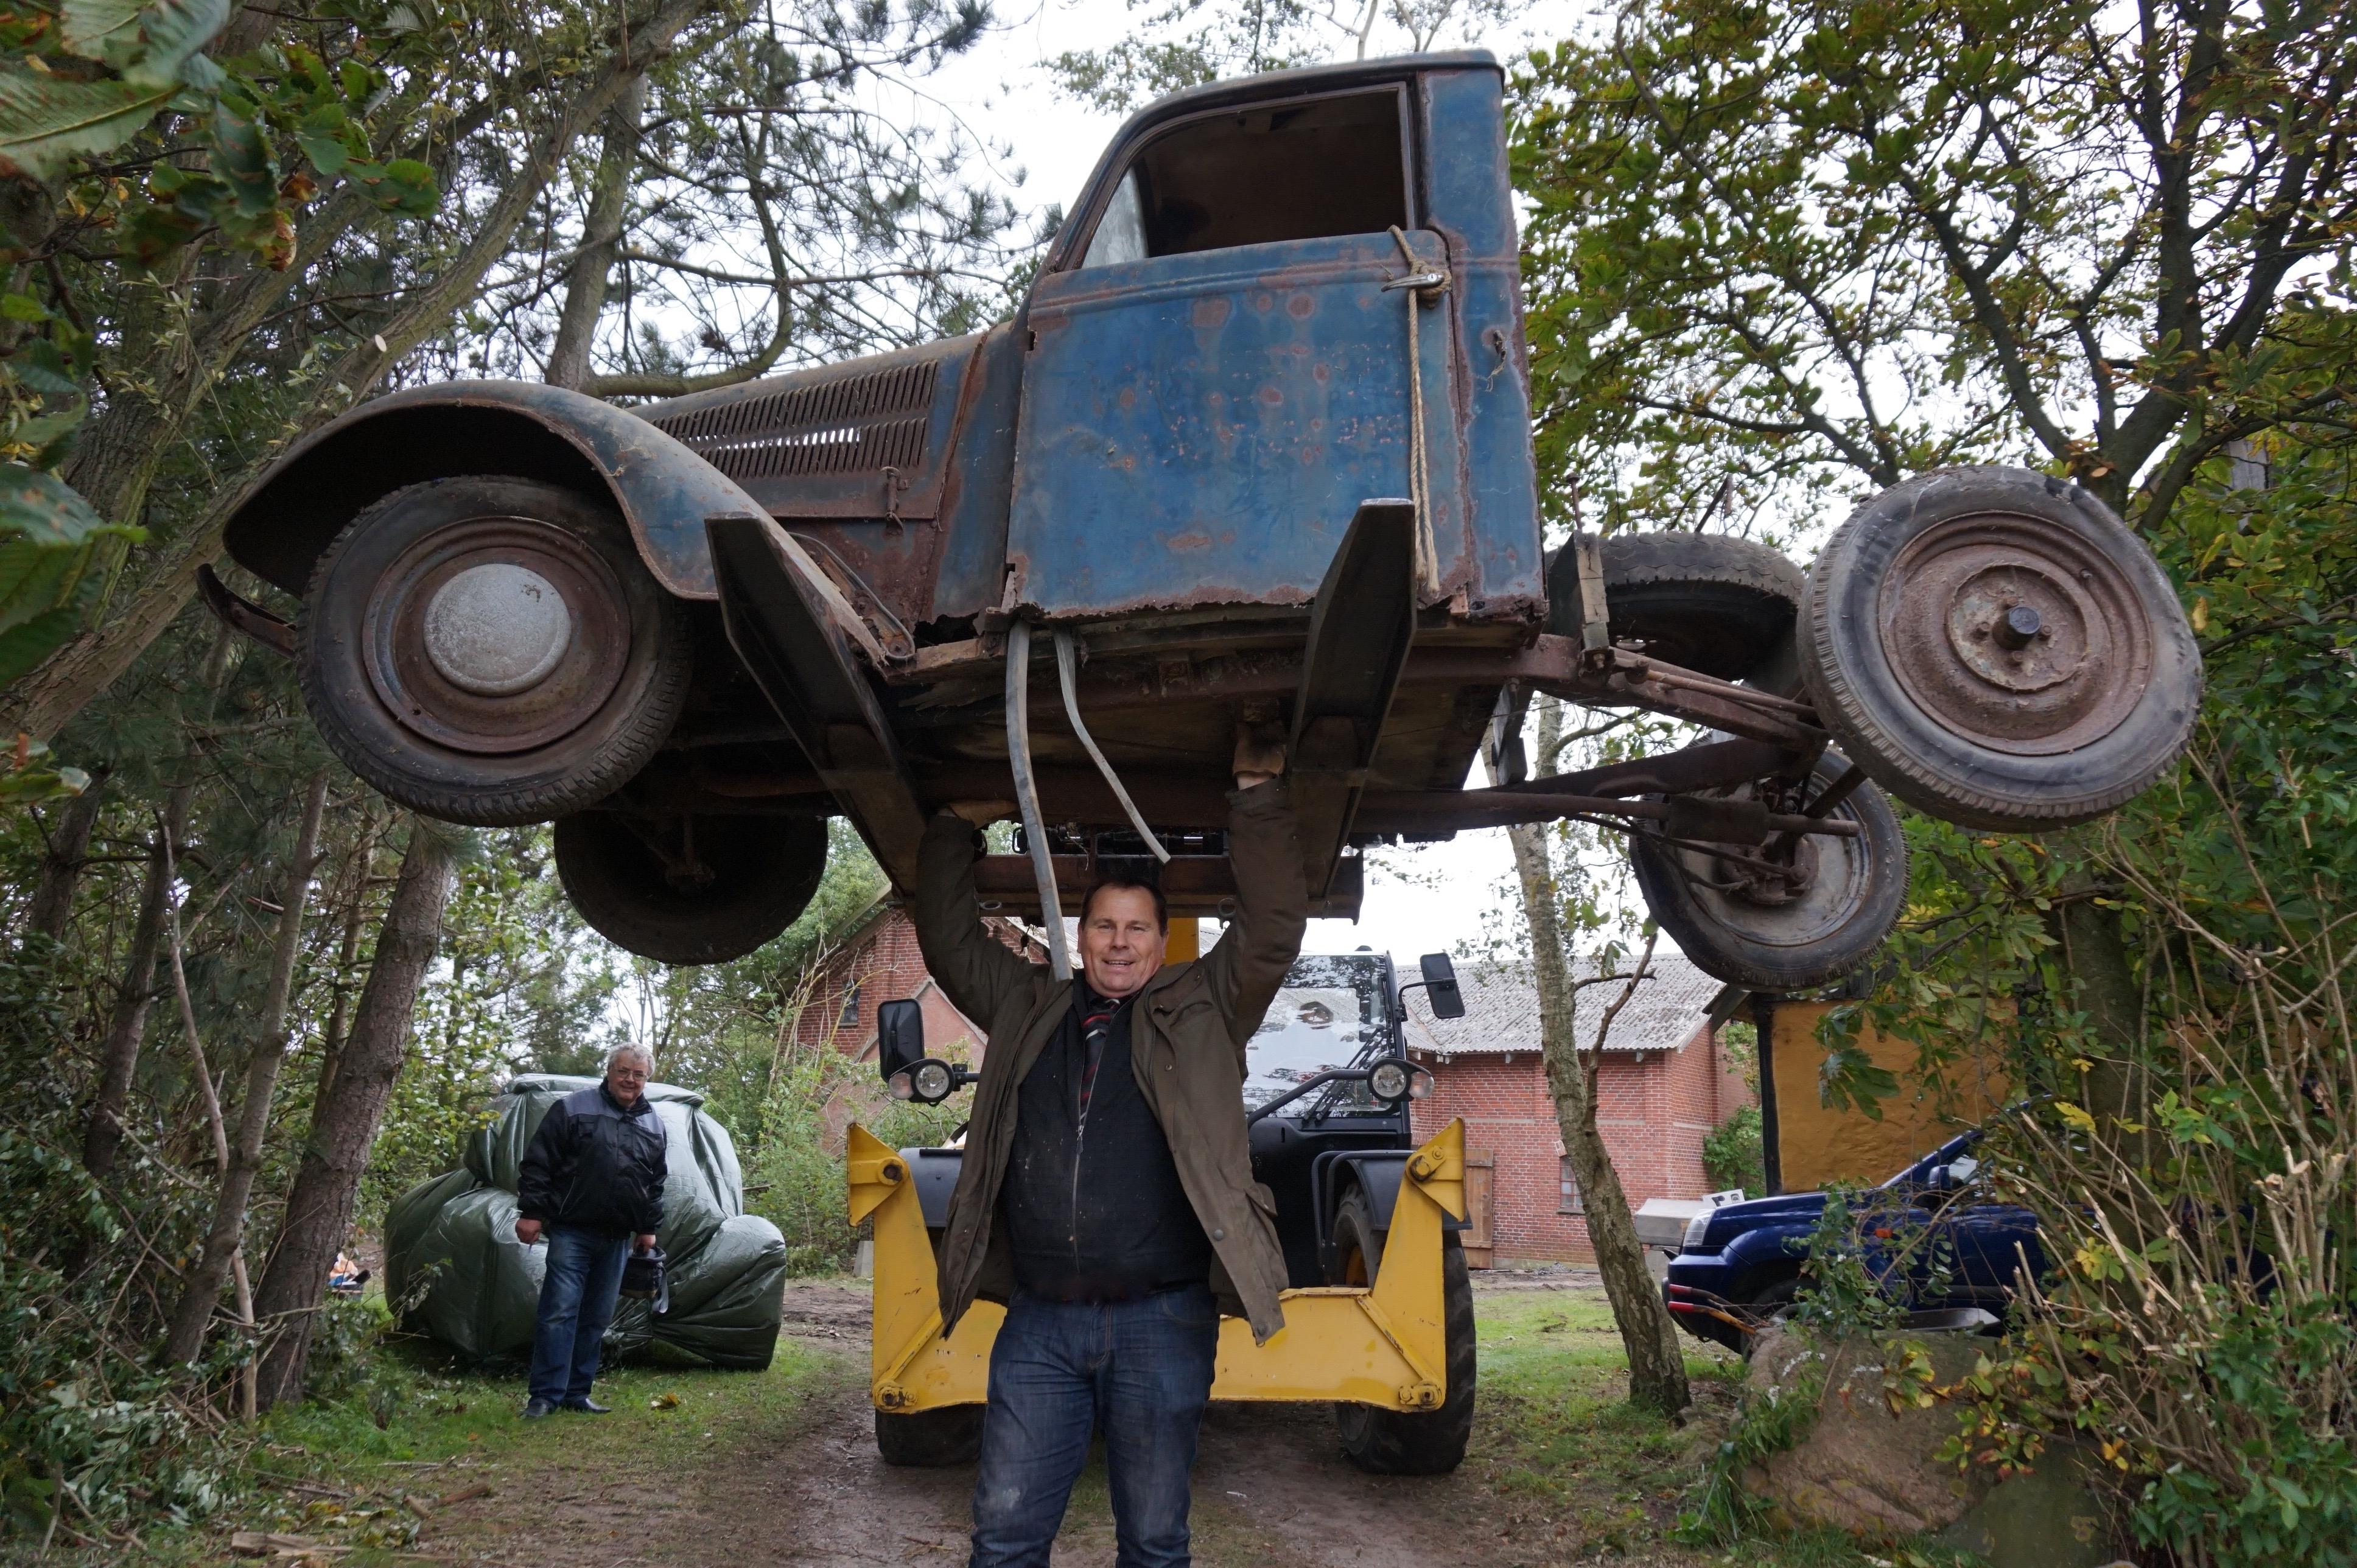 Afdød sydsjællandsk livssamling af førkrigsbiler graves ud af støvet og sælges på auktion ...